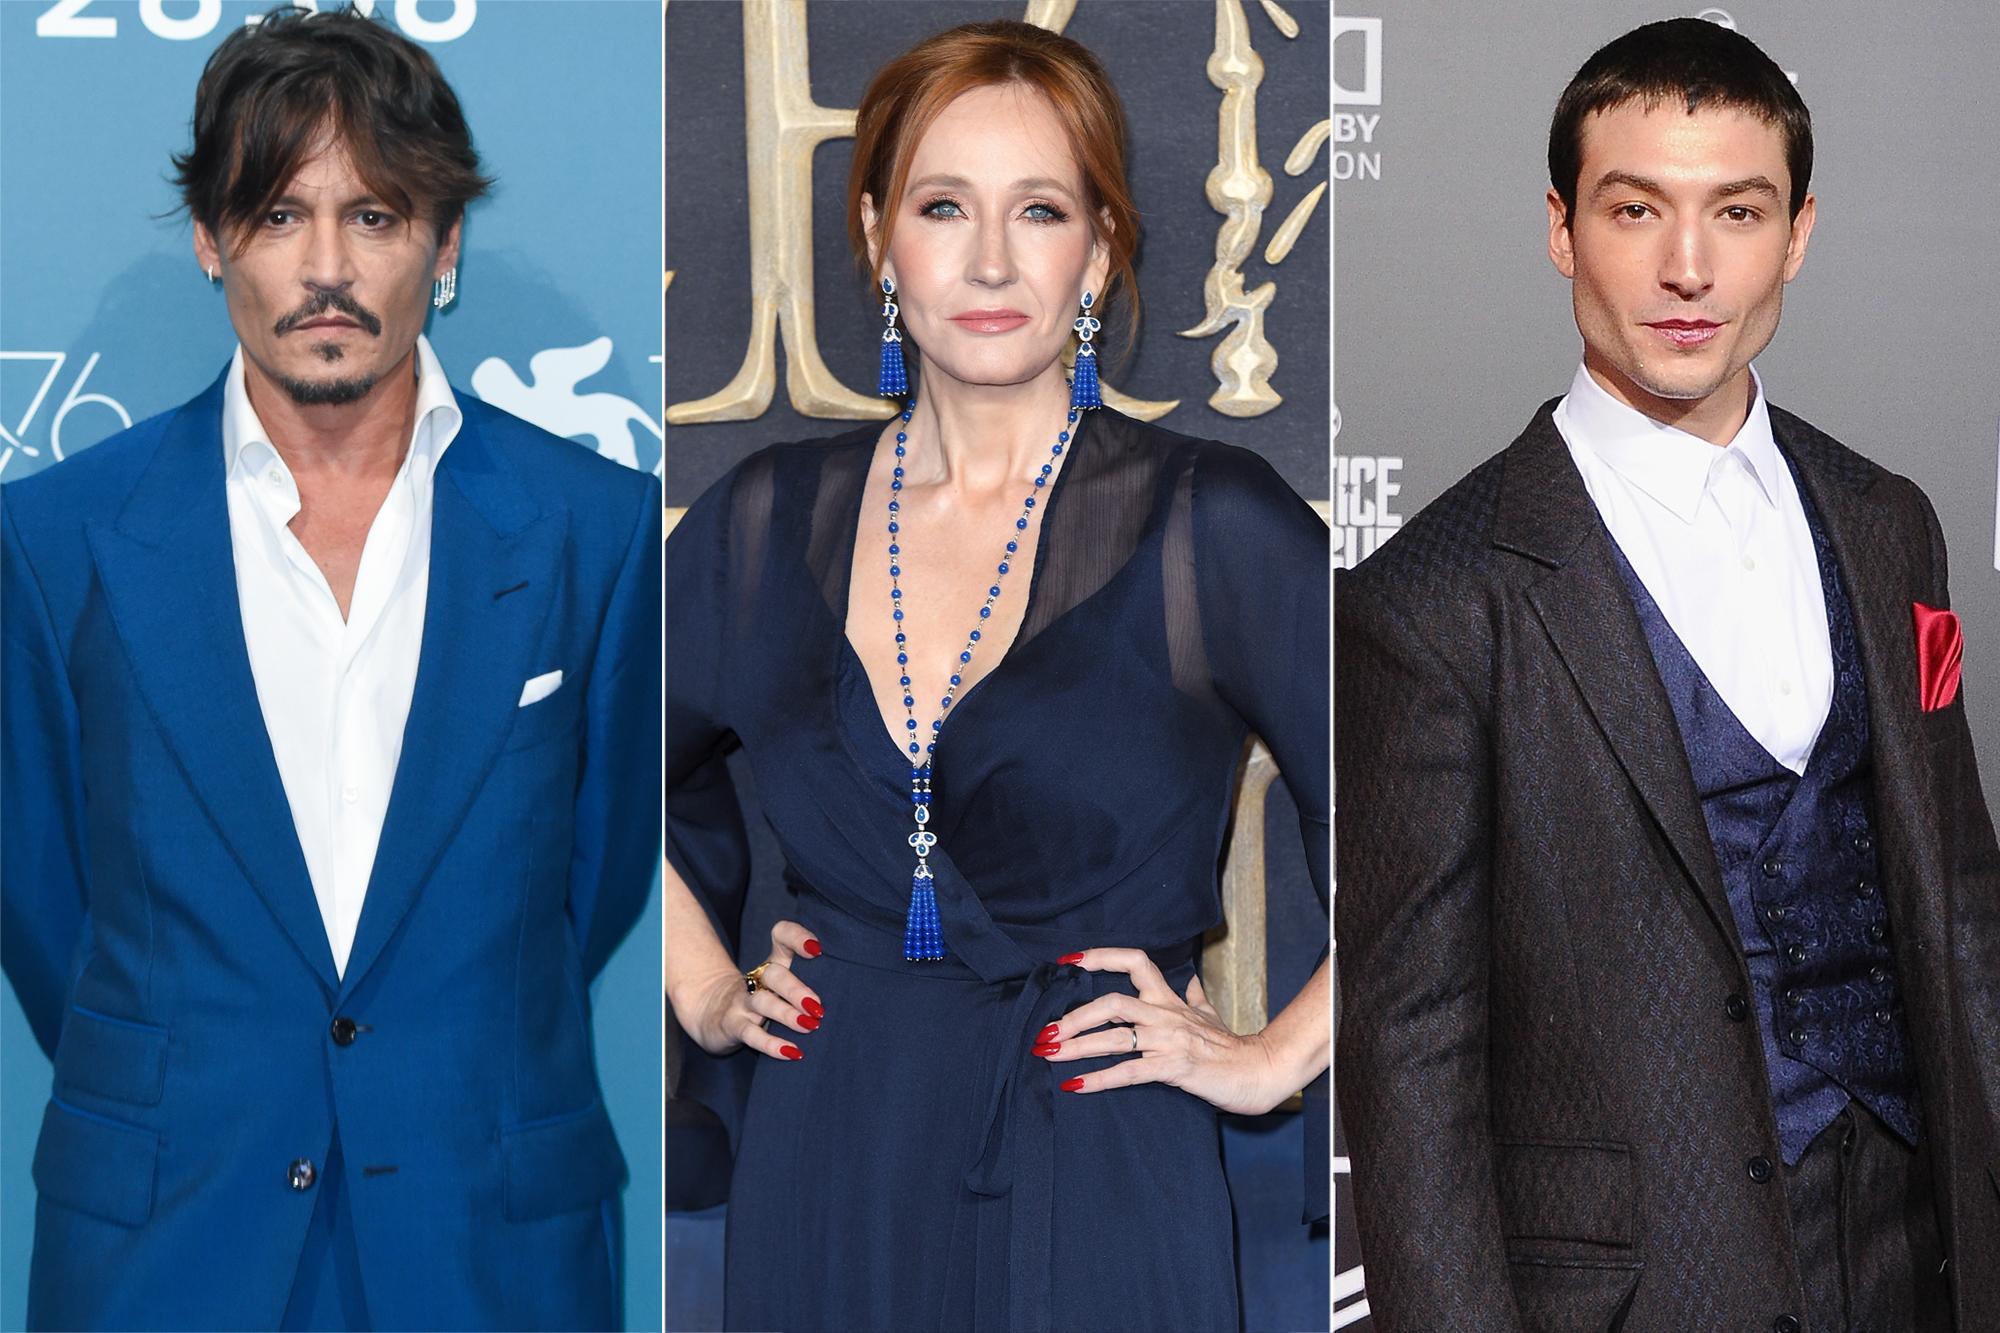 Johnny Depp, JK Rowling, Ezra-Miller